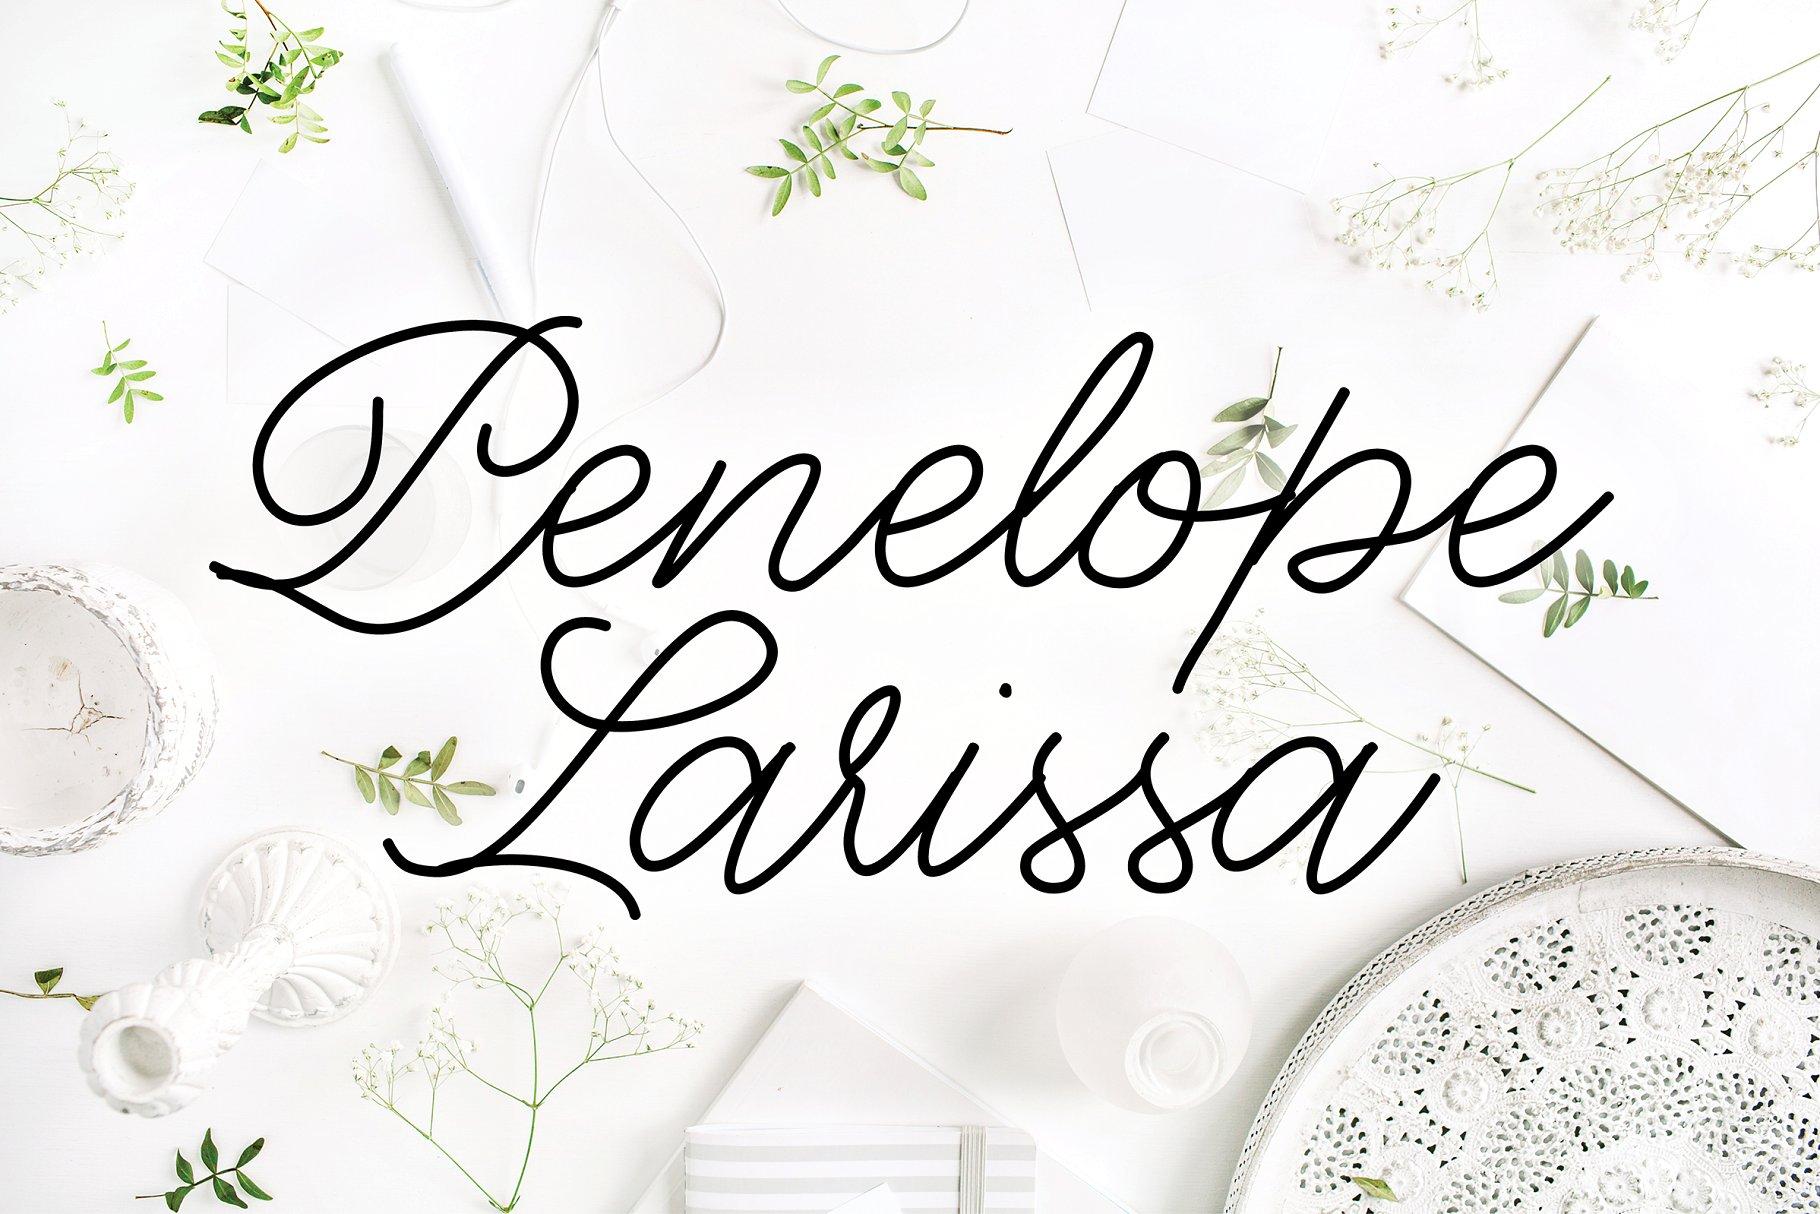 佩内洛普拉里萨字体 Penelope Larissa Font设计素材模板